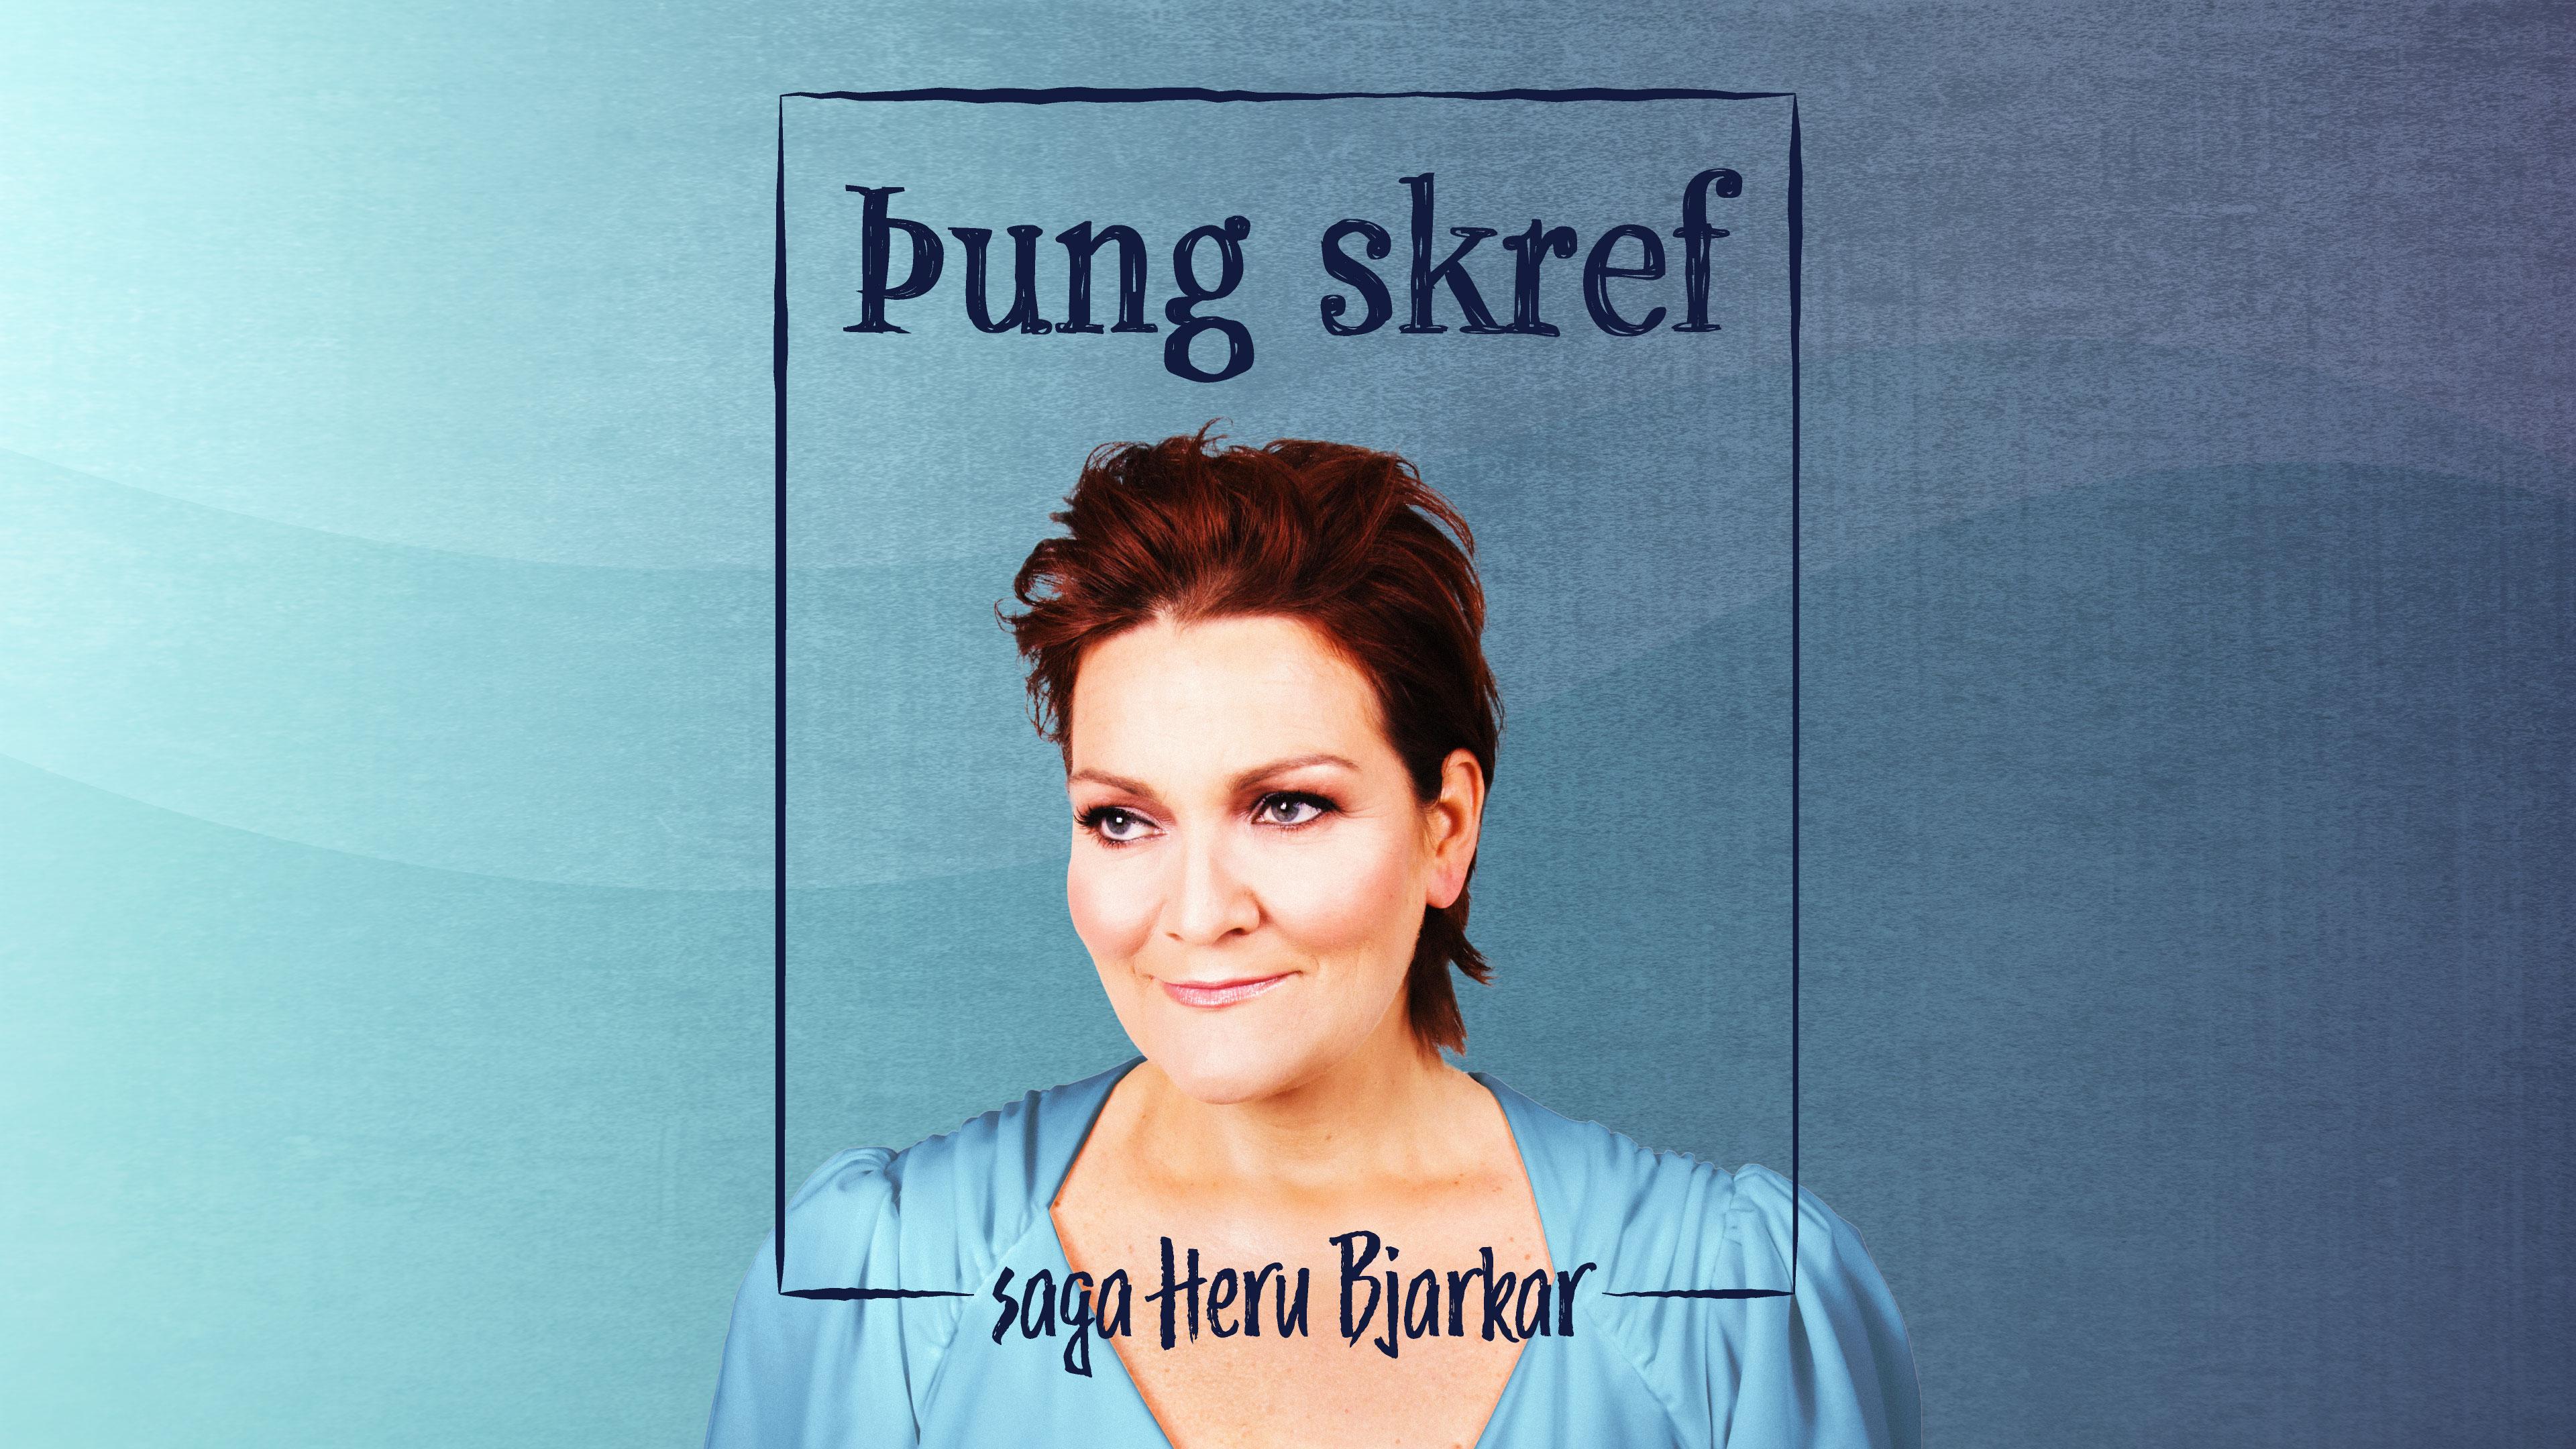 Þung skref - Saga Heru Bjarkar